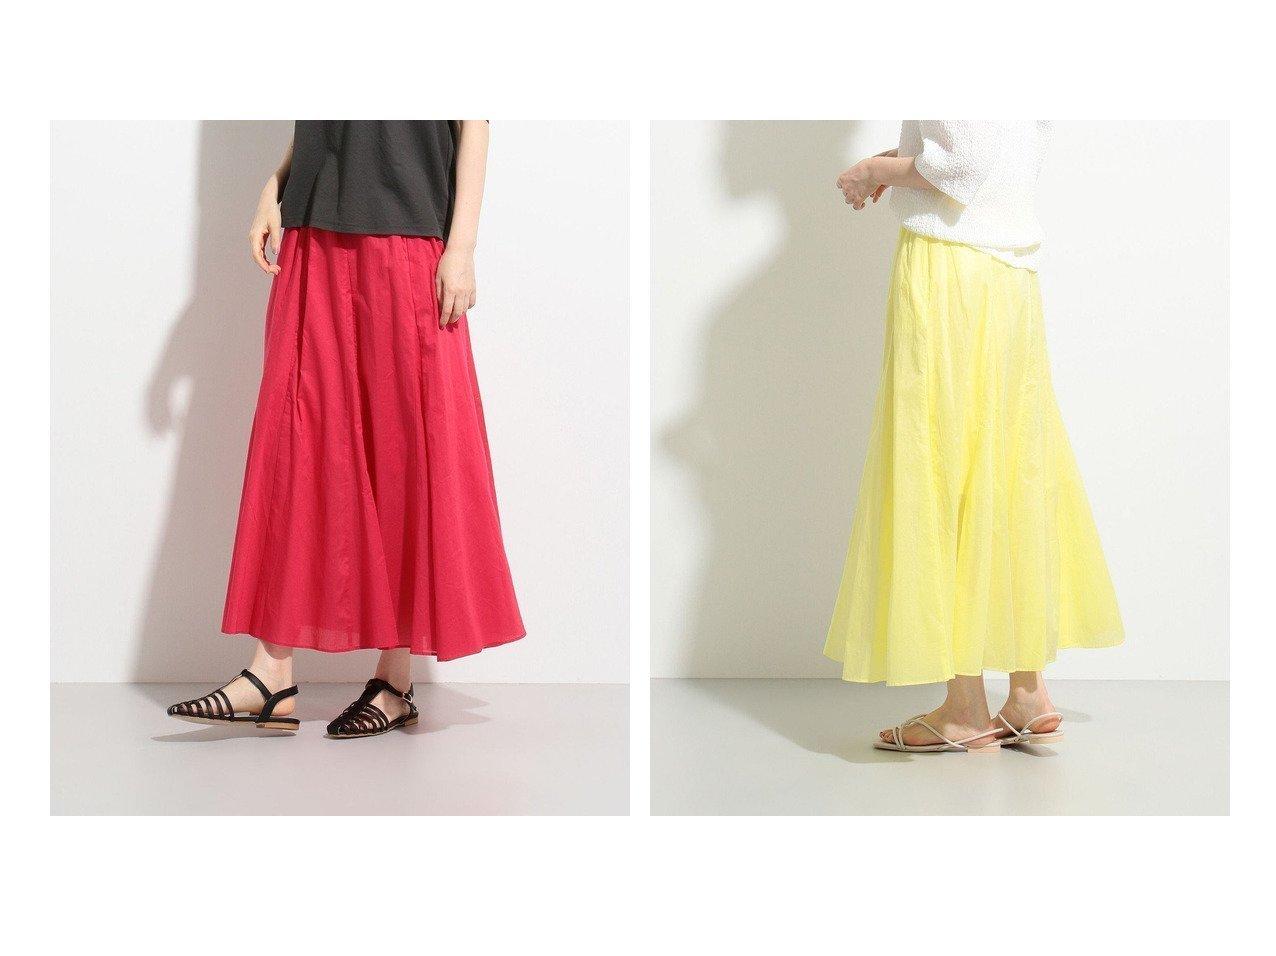 【SHARE PARK/シェアパーク】の【洗える】ボイルフレアスカート 【スカート】おすすめ!人気、トレンド・レディースファッションの通販   おすすめで人気の流行・トレンド、ファッションの通販商品 インテリア・家具・メンズファッション・キッズファッション・レディースファッション・服の通販 founy(ファニー) https://founy.com/ ファッション Fashion レディースファッション WOMEN スカート Skirt Aライン/フレアスカート Flared A-Line Skirts 送料無料 Free Shipping おすすめ Recommend チュニック マキシ ロング 洗える |ID:crp329100000057110